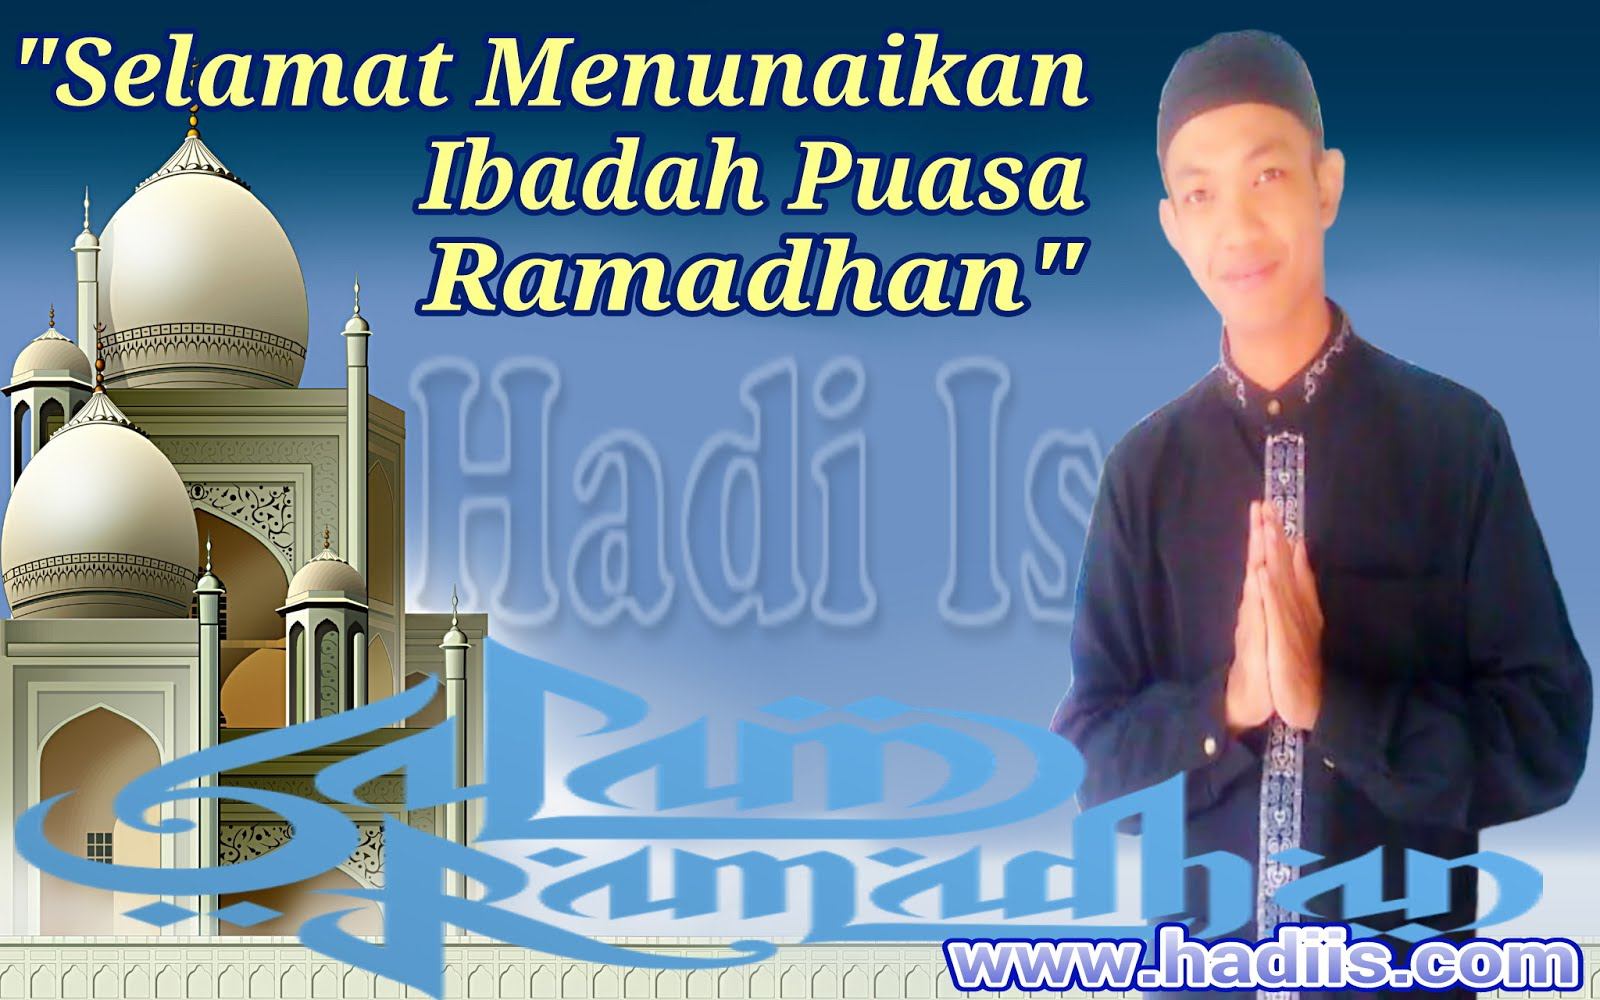 hadiis-ramadhan-741403.jpg